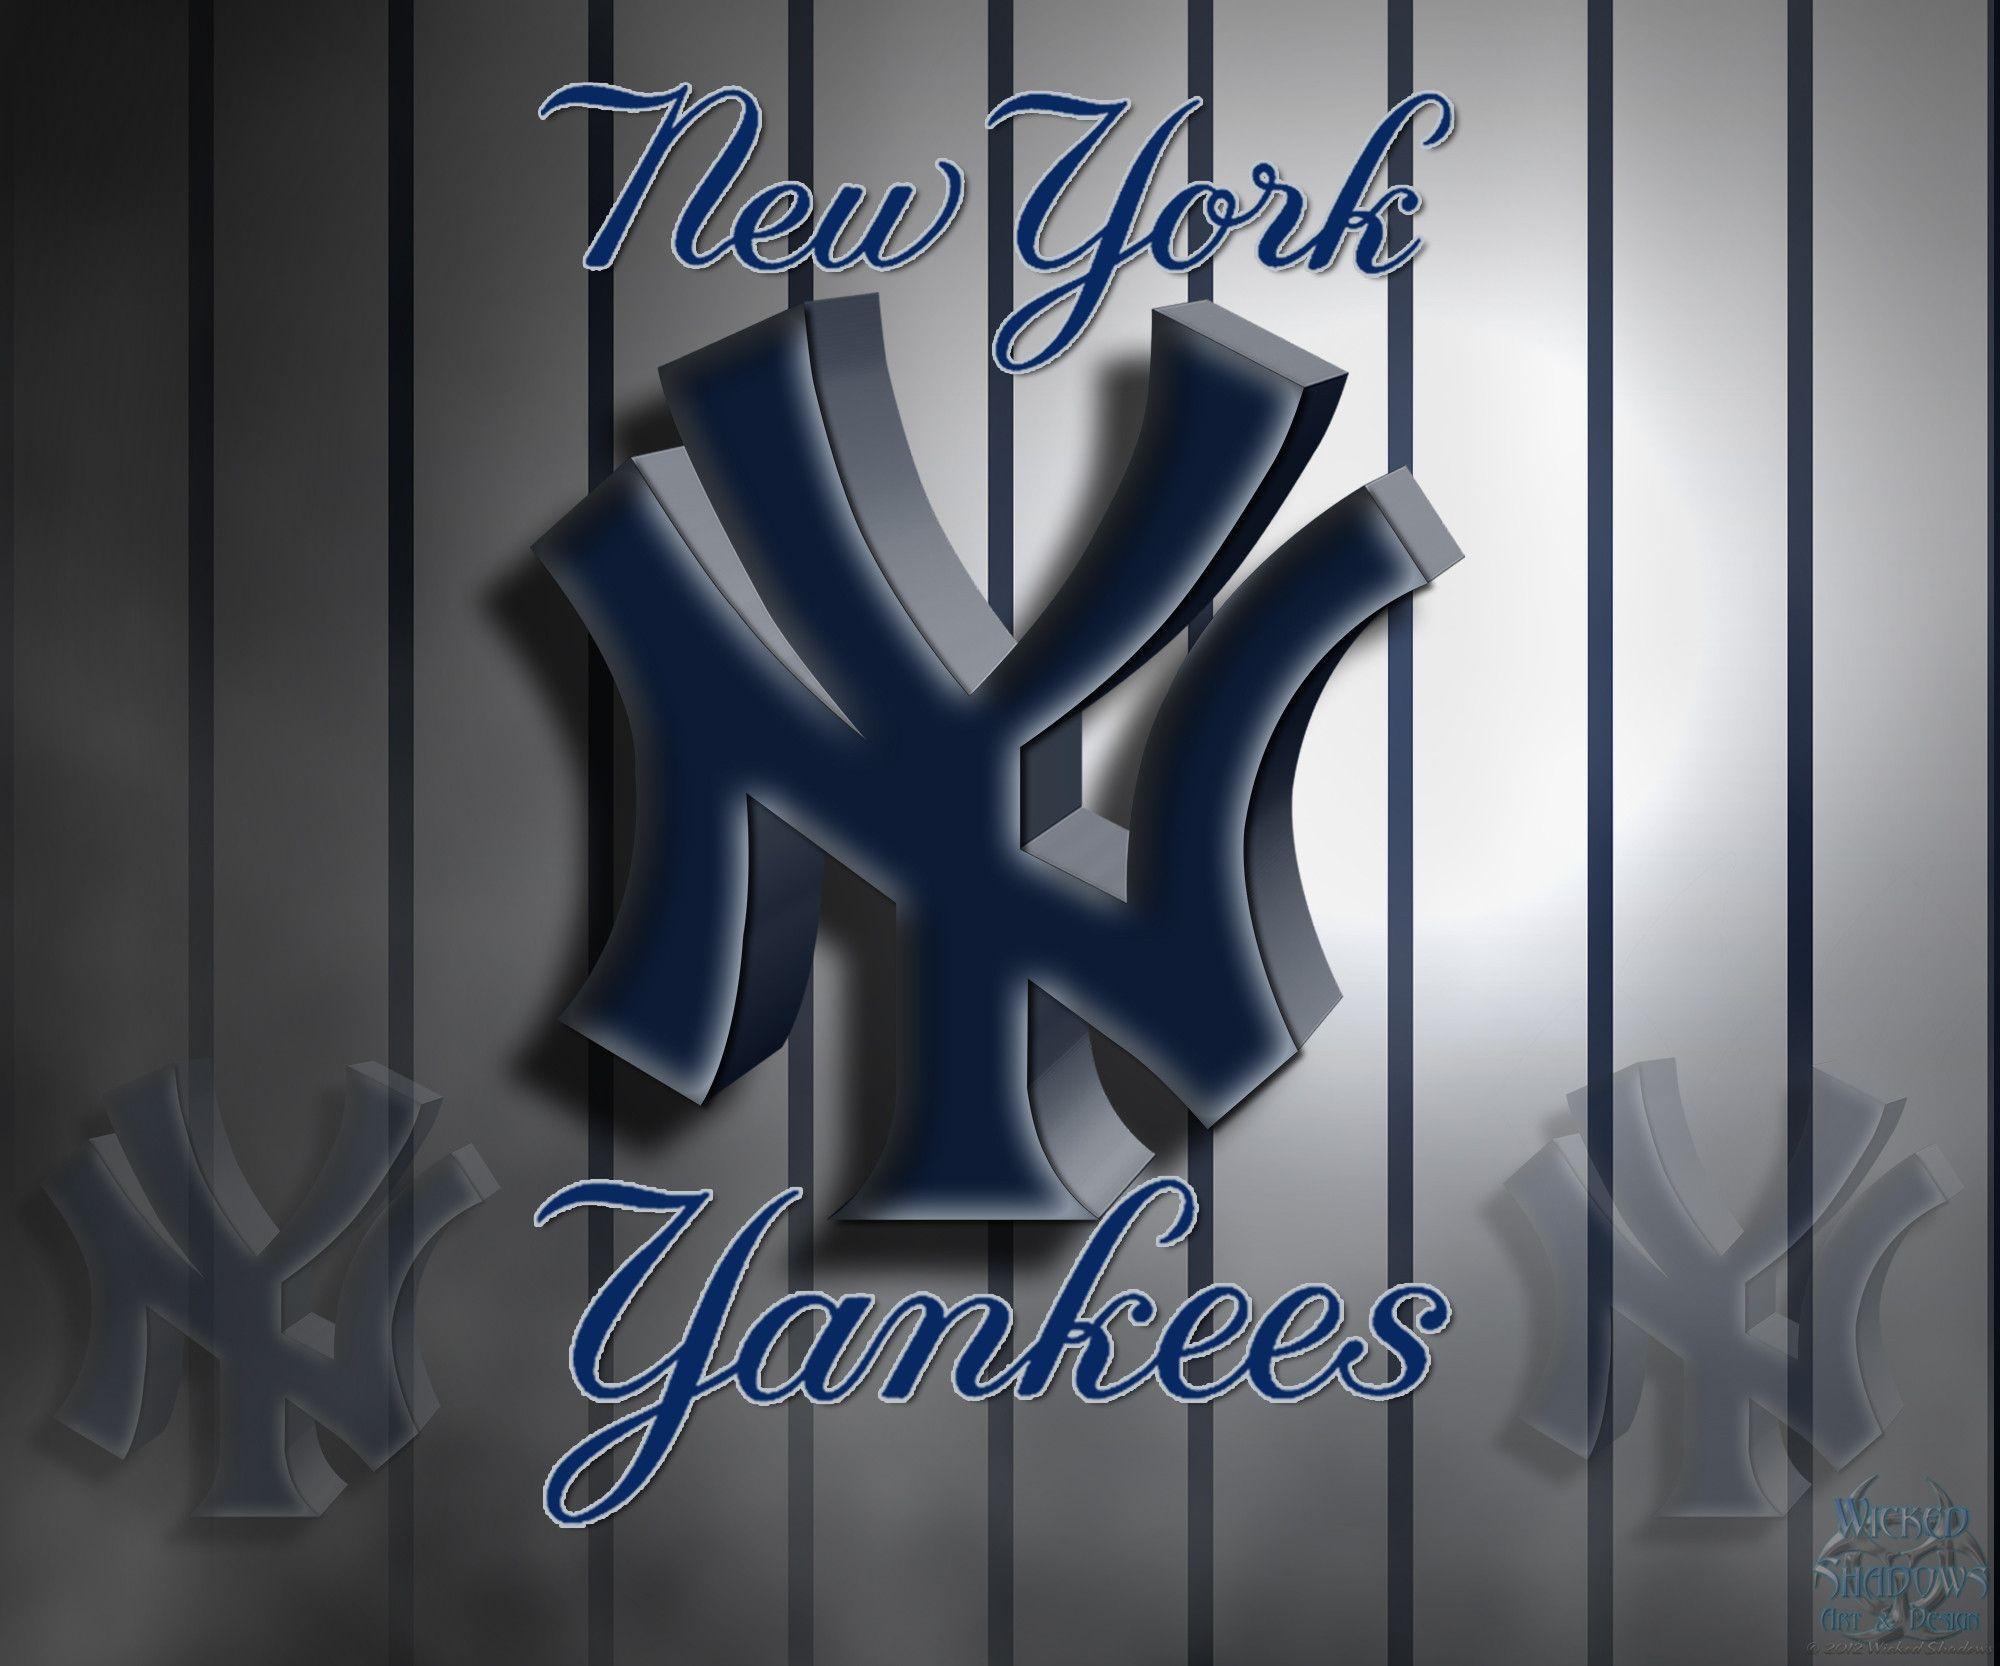 ny yankees logo wallpapers wallpaper cave